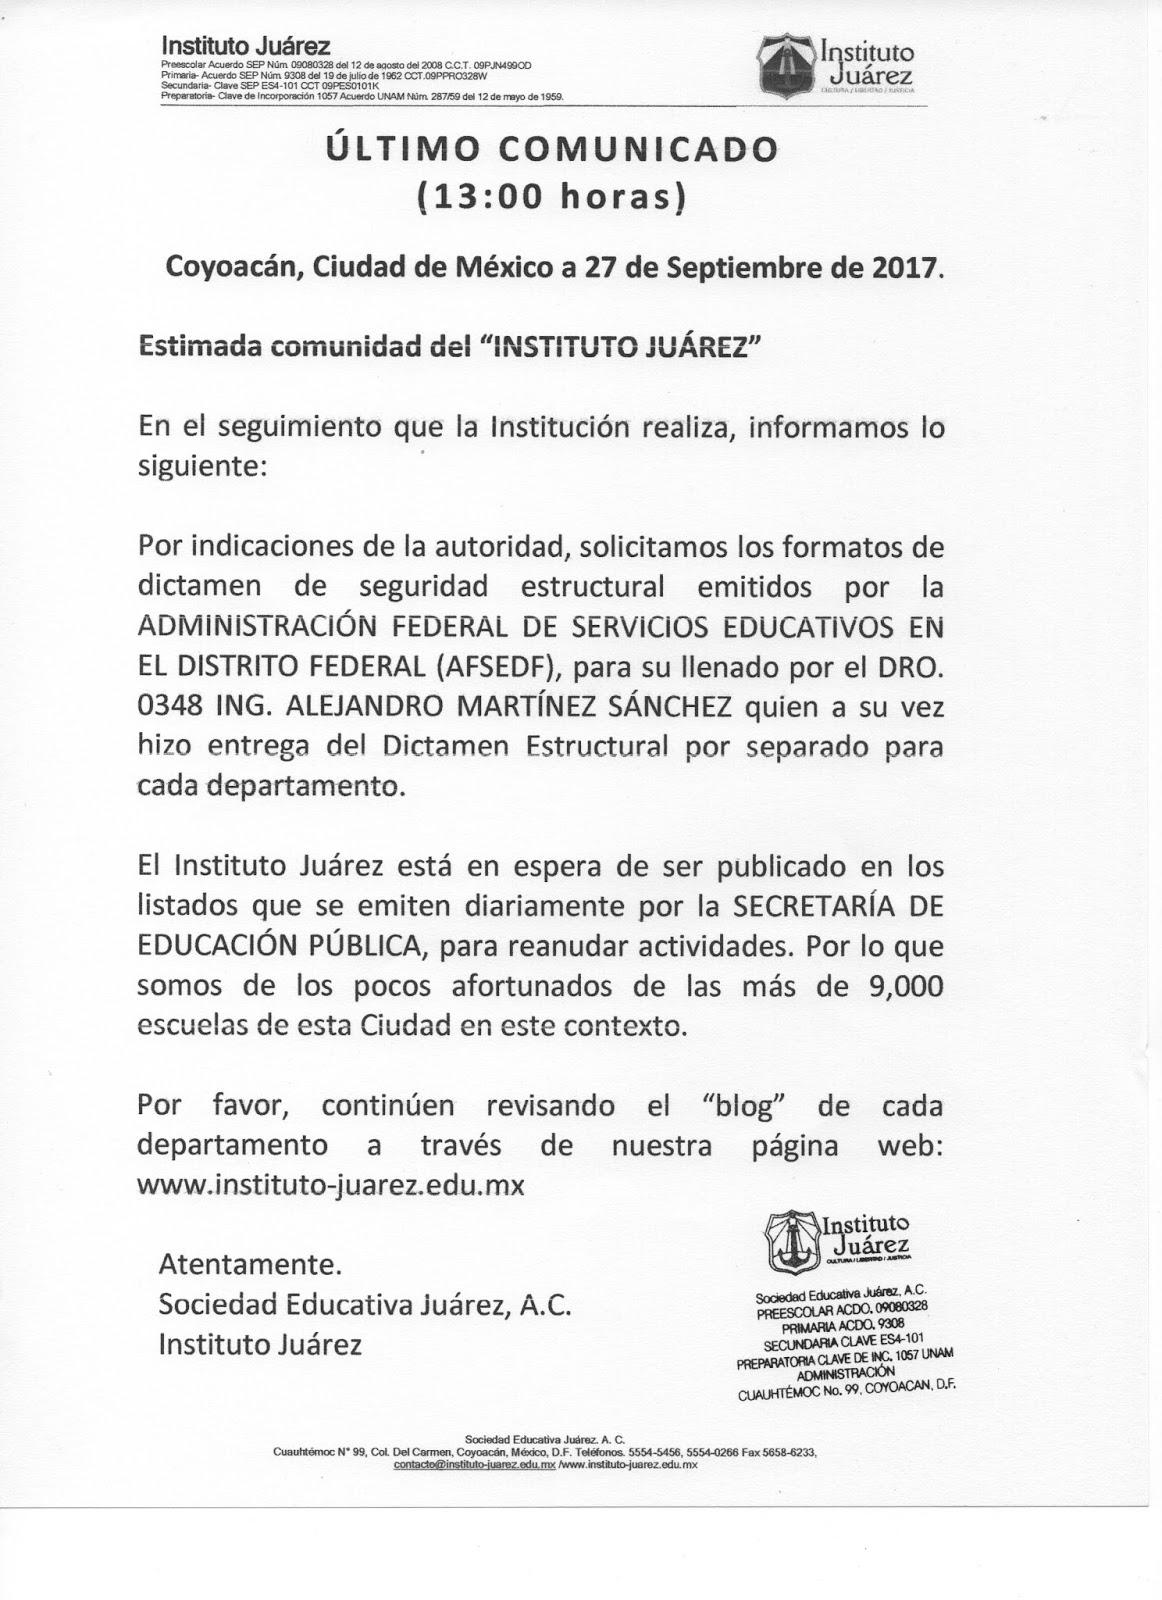 Instituto Juárez 4° Preparatoria: 09/01/2017 - 10/01/2017